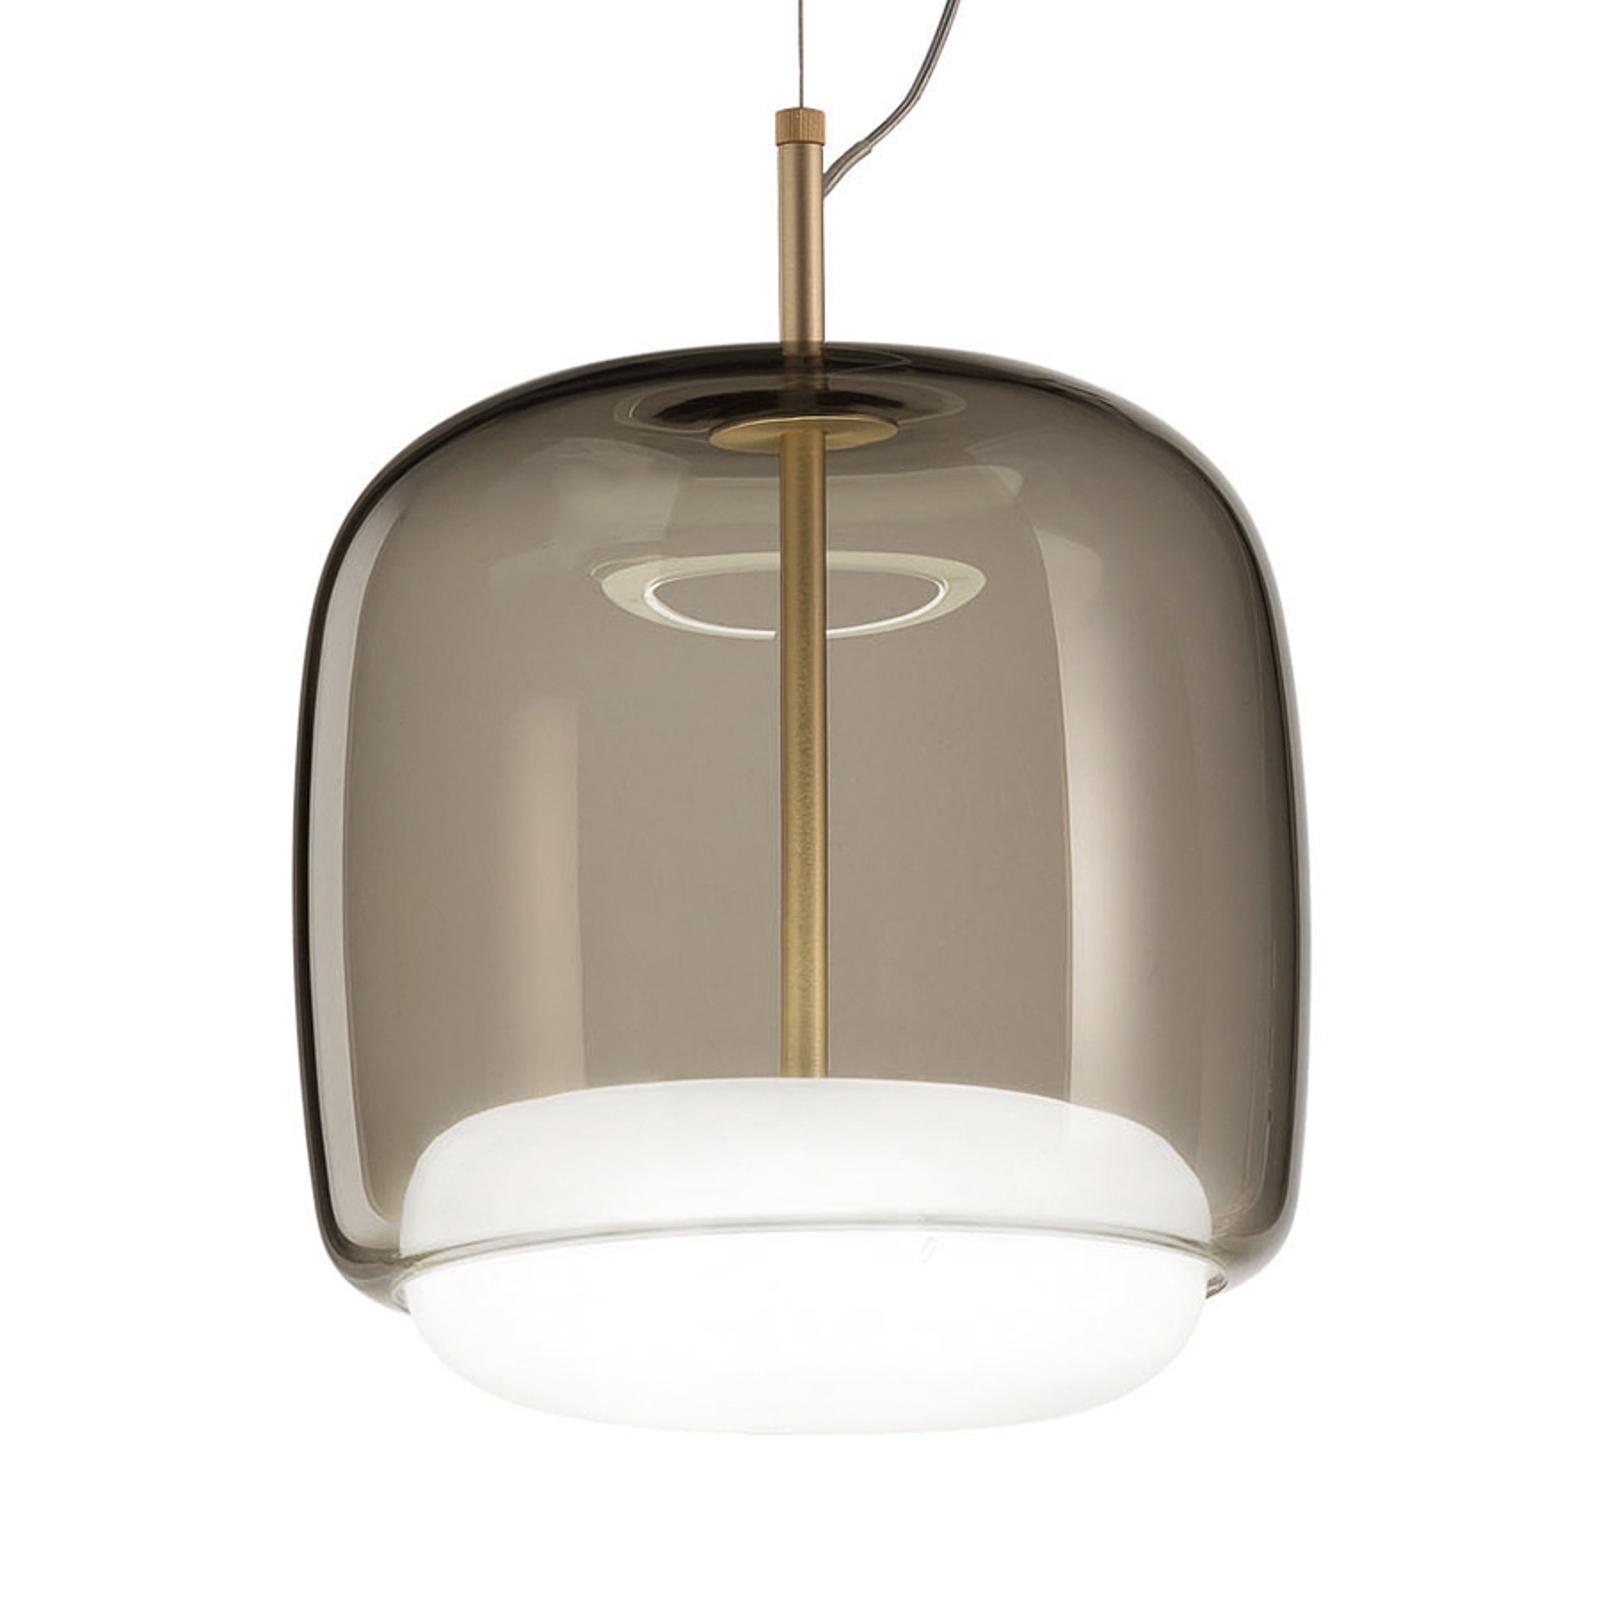 Lampa wisząca Jube SP P podwójny klosz szara/biała